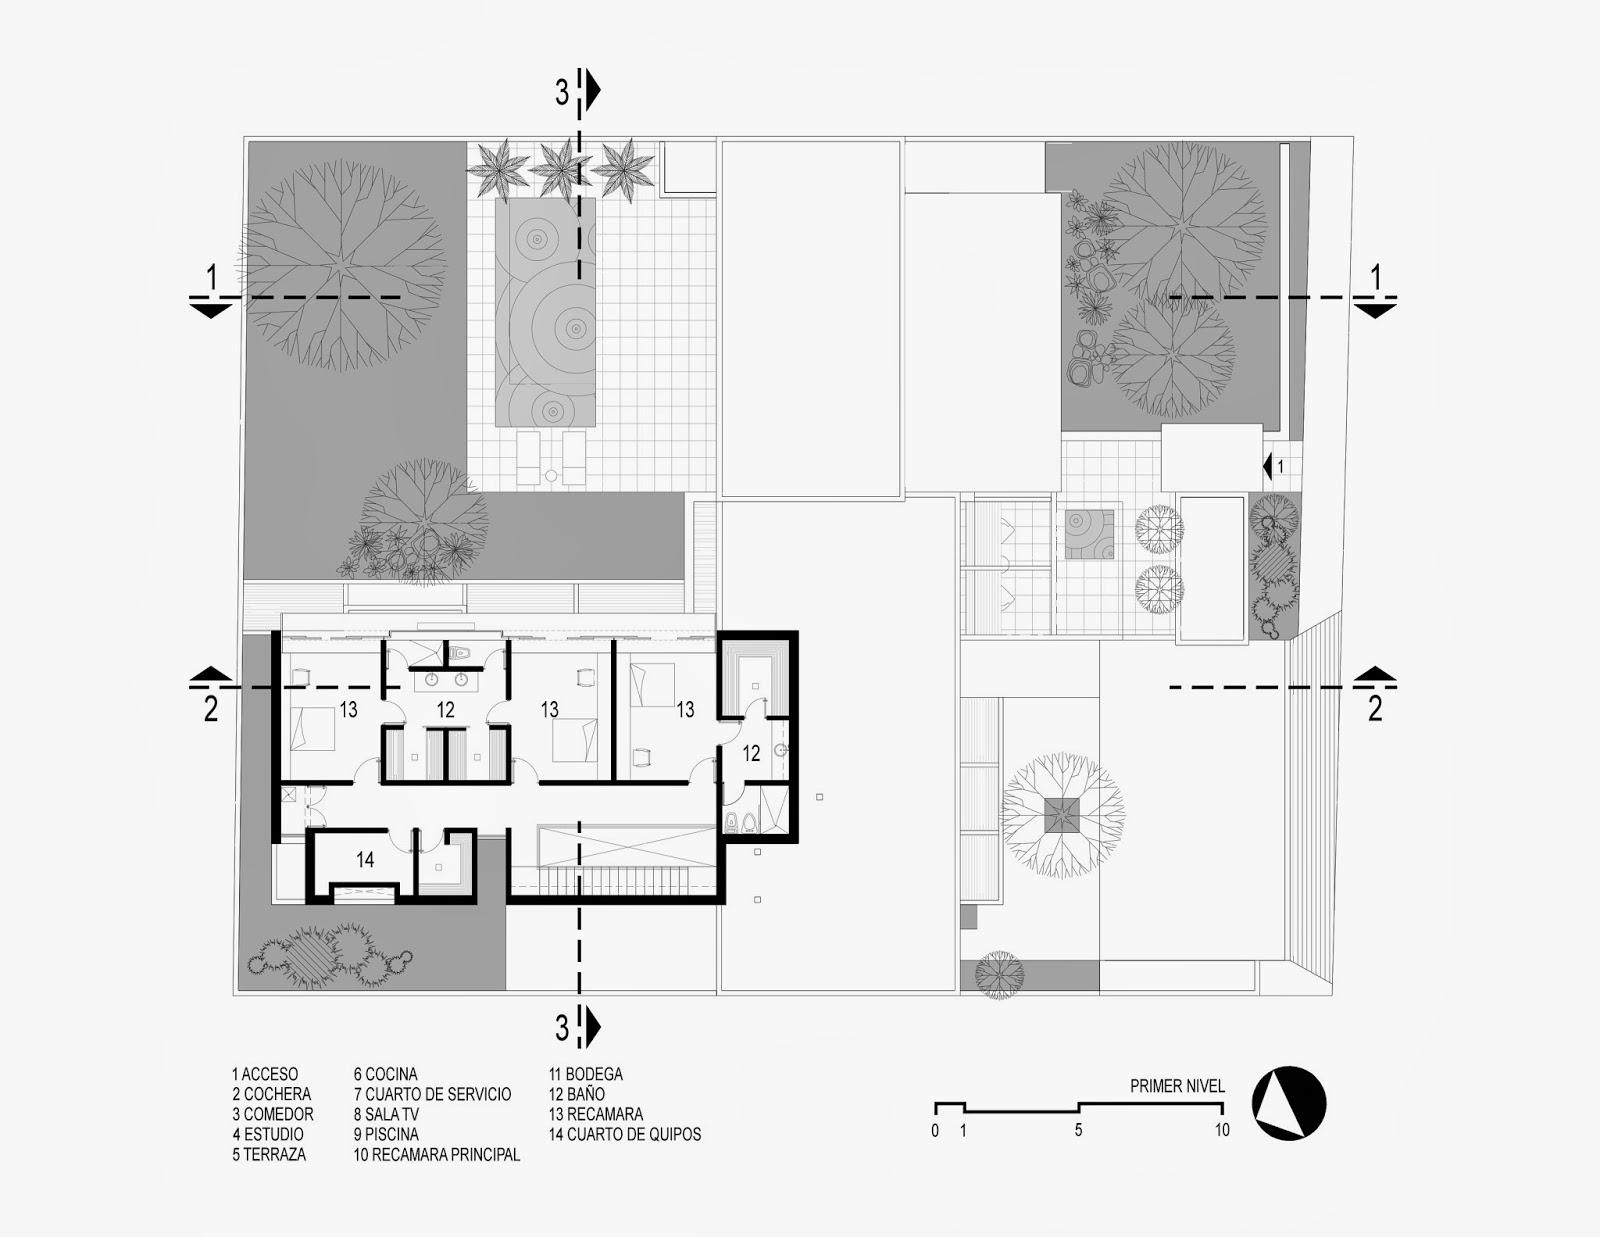 Apuntes revista digital de arquitectura proyecto casa - Planta de salon ...